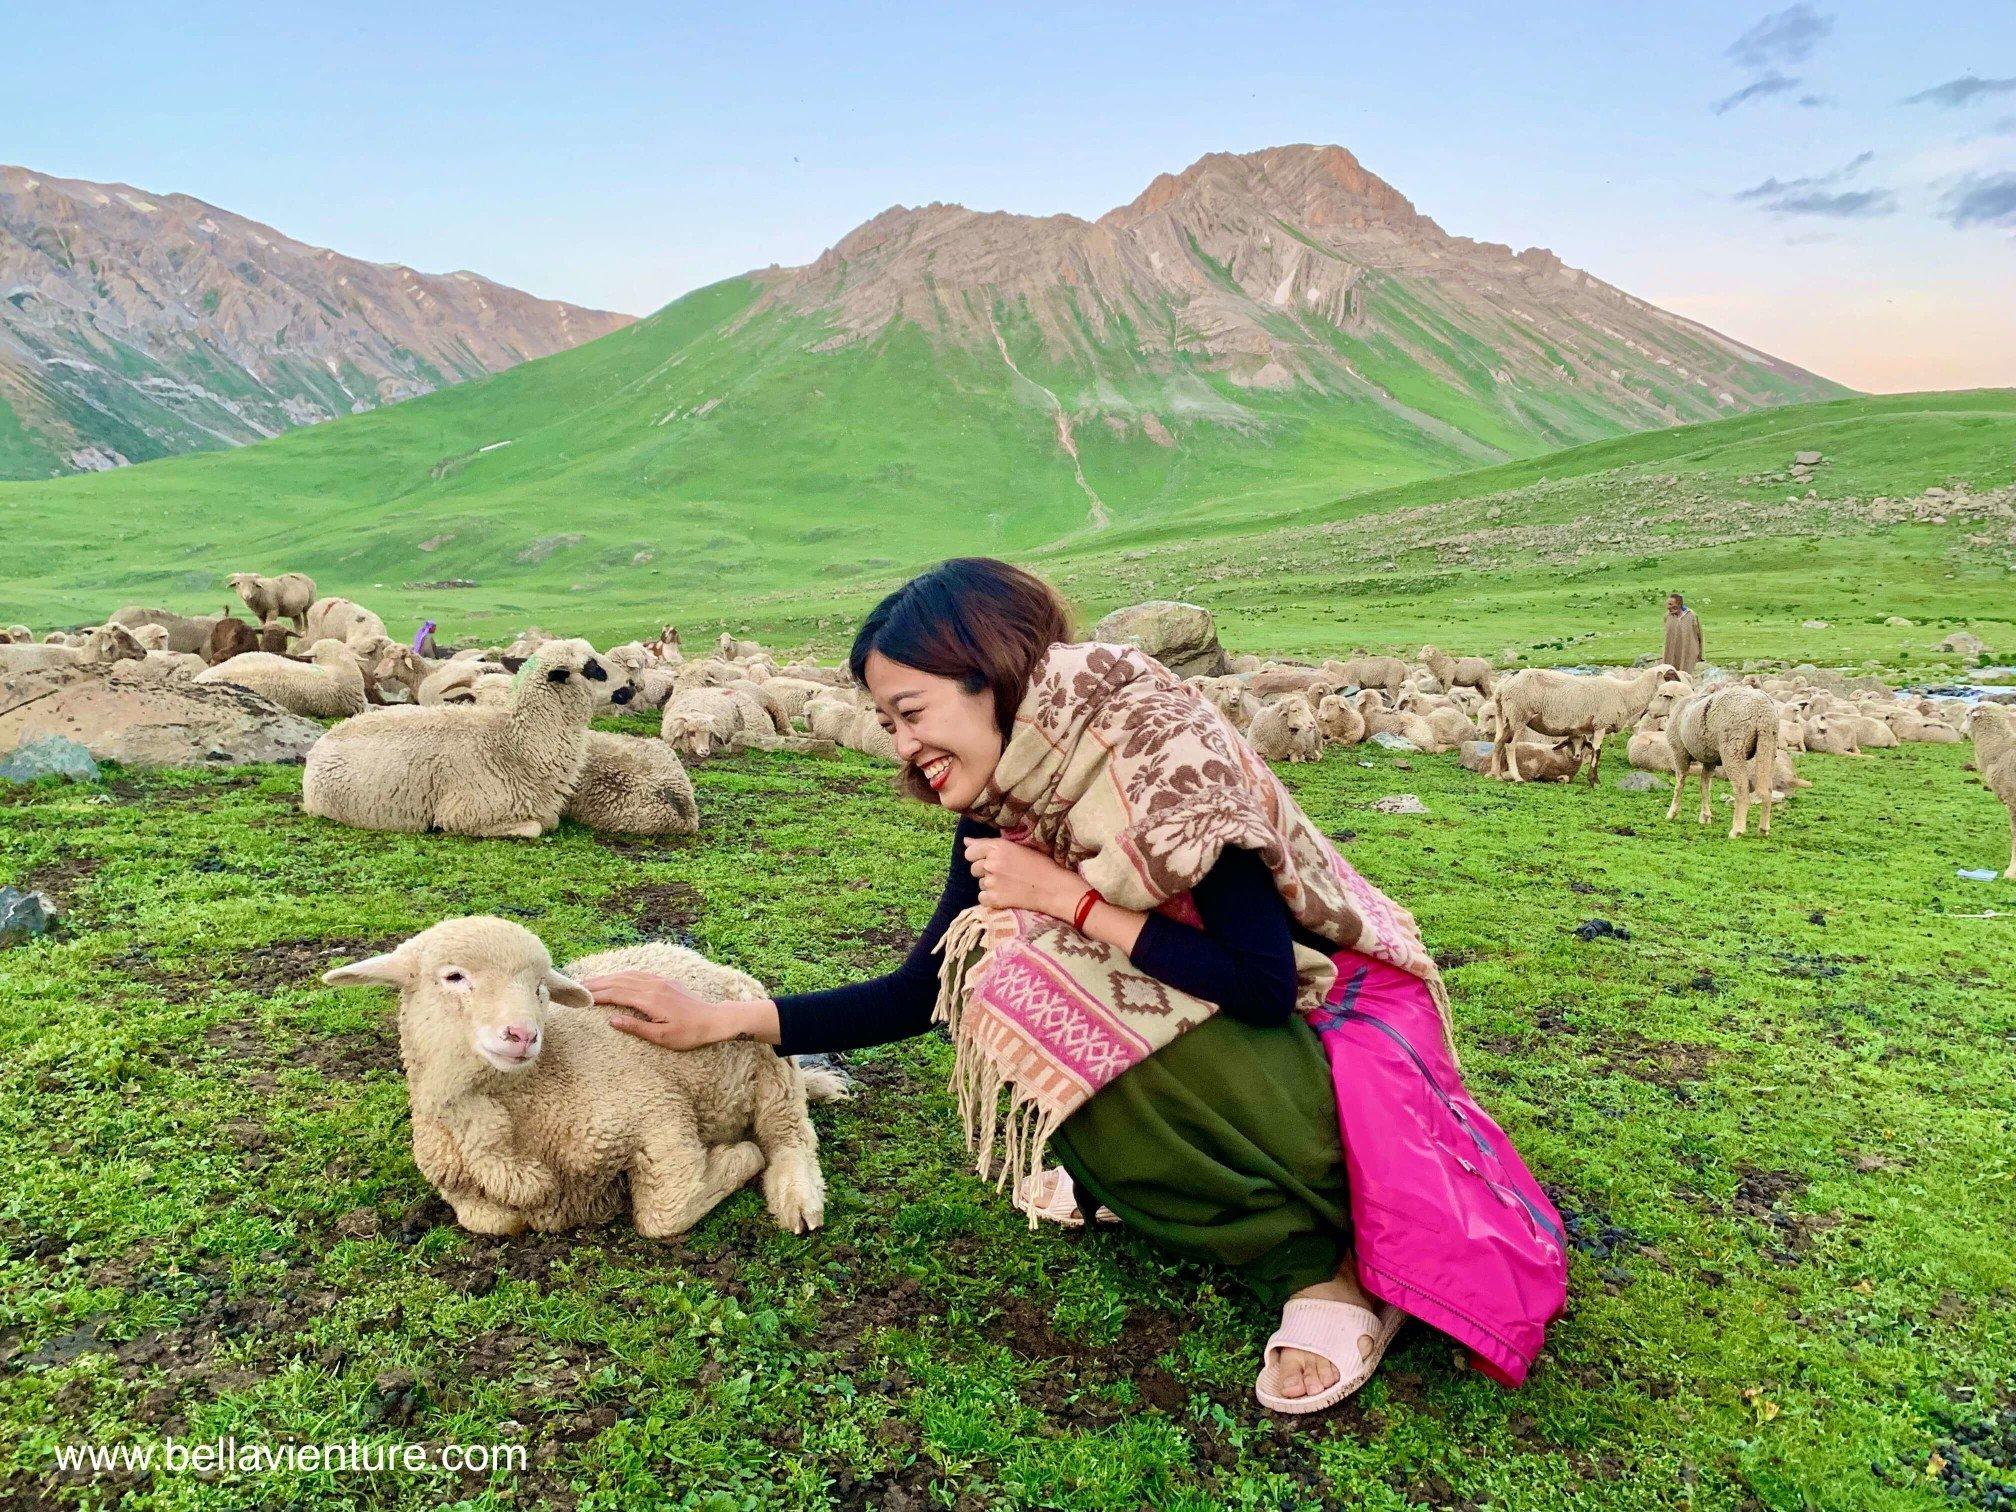 印度 India 北北印 North India 喀什米爾  Kashmir 八天七夜 健行 Nichnai Valley 溫馴的小綿羊